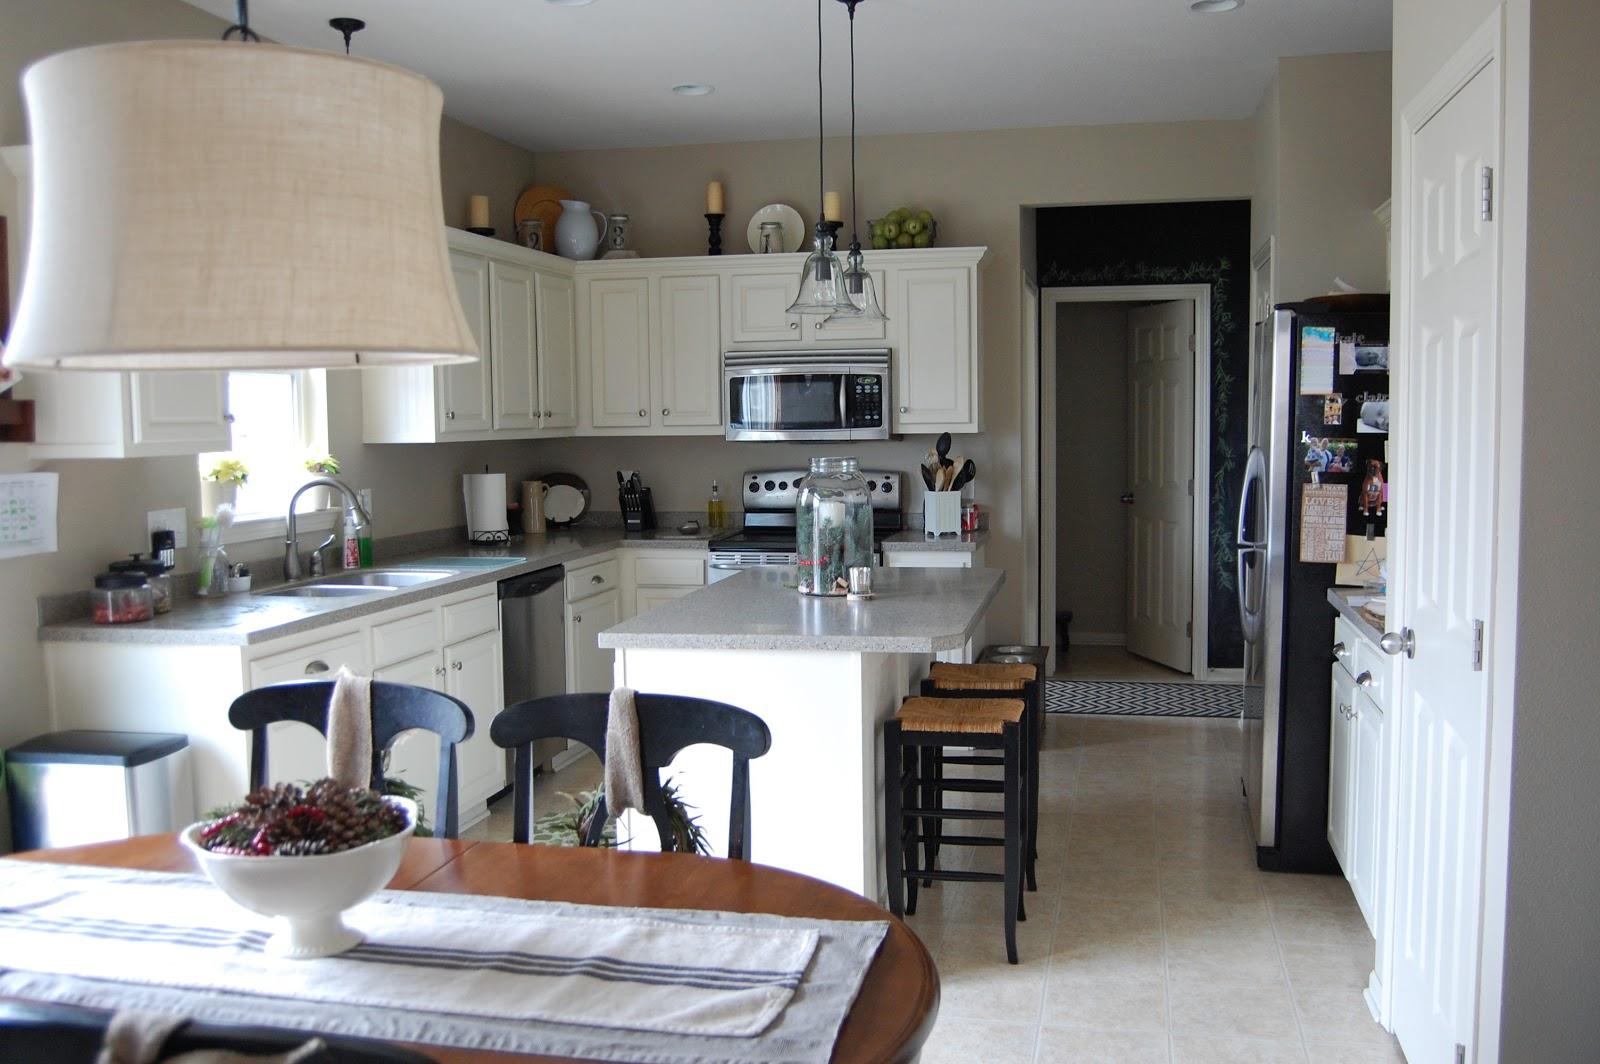 diy kitchen island update kitchen cabinet updates DIY Kitchen Island Update